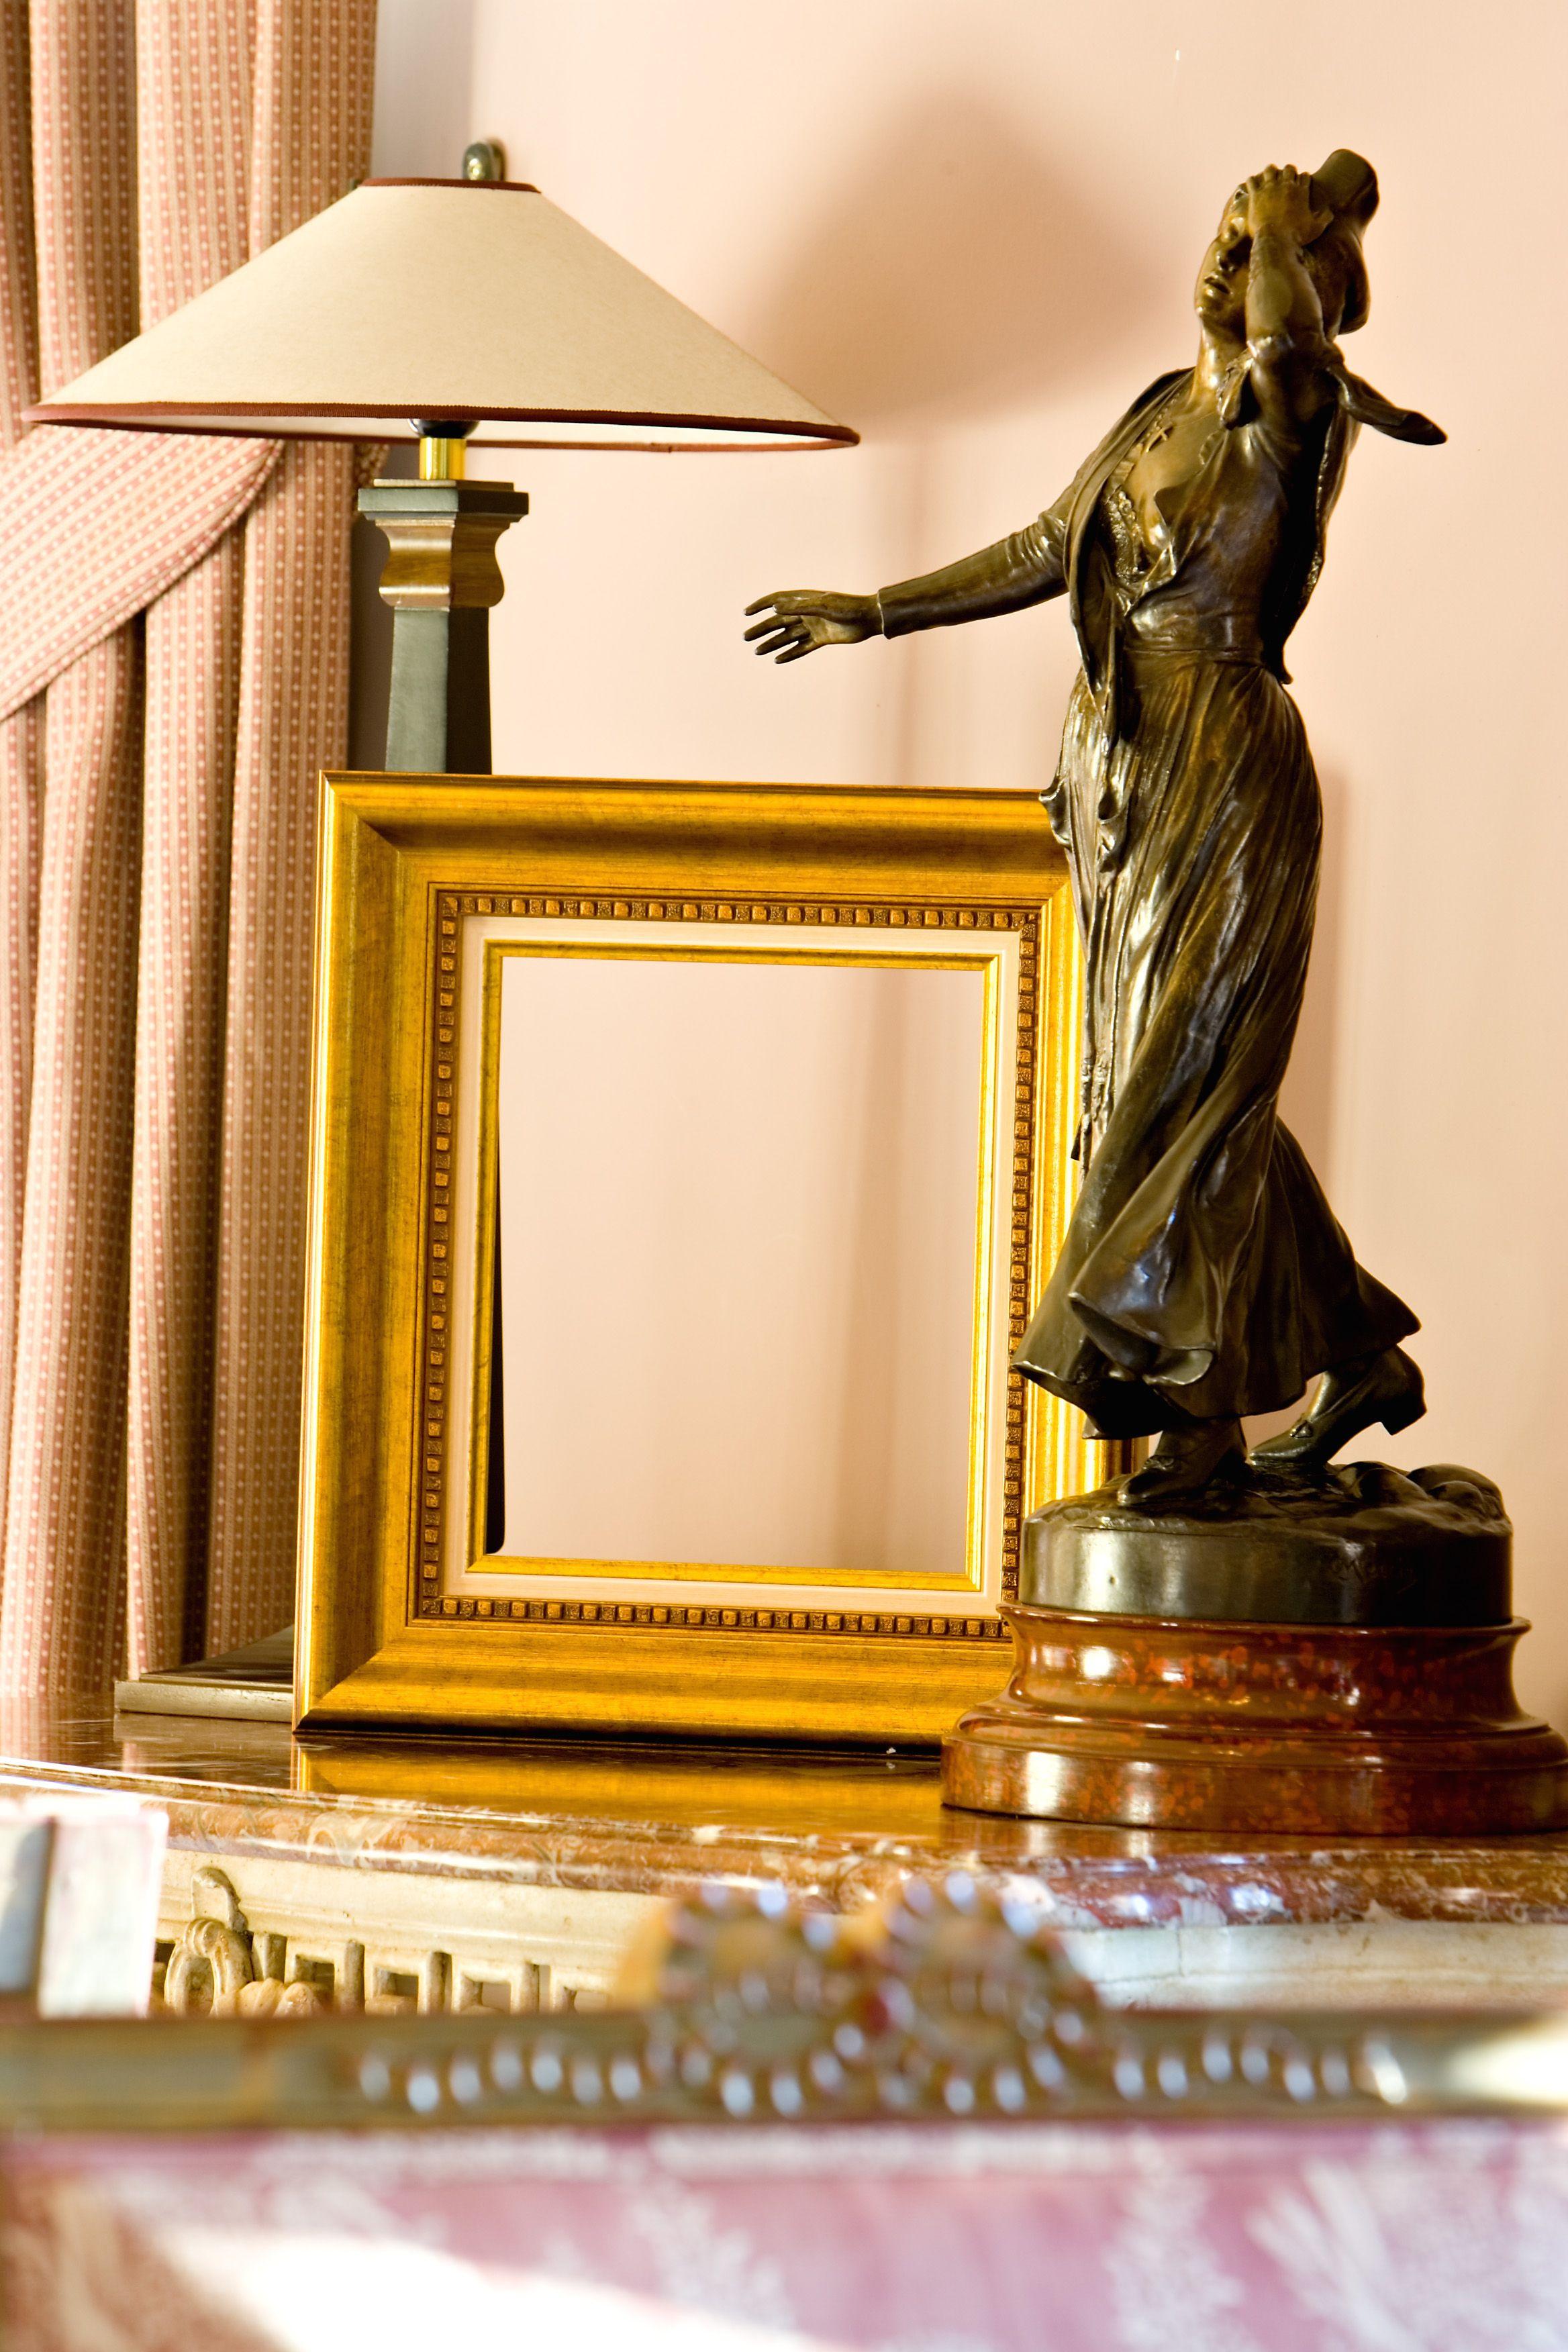 Encadrement D Art Label Art Fabrique En Provence Encadrement Cadreprovence Labelart Www Label Art Fr Cadre Tableau Encadrement Peinture Sur Toile